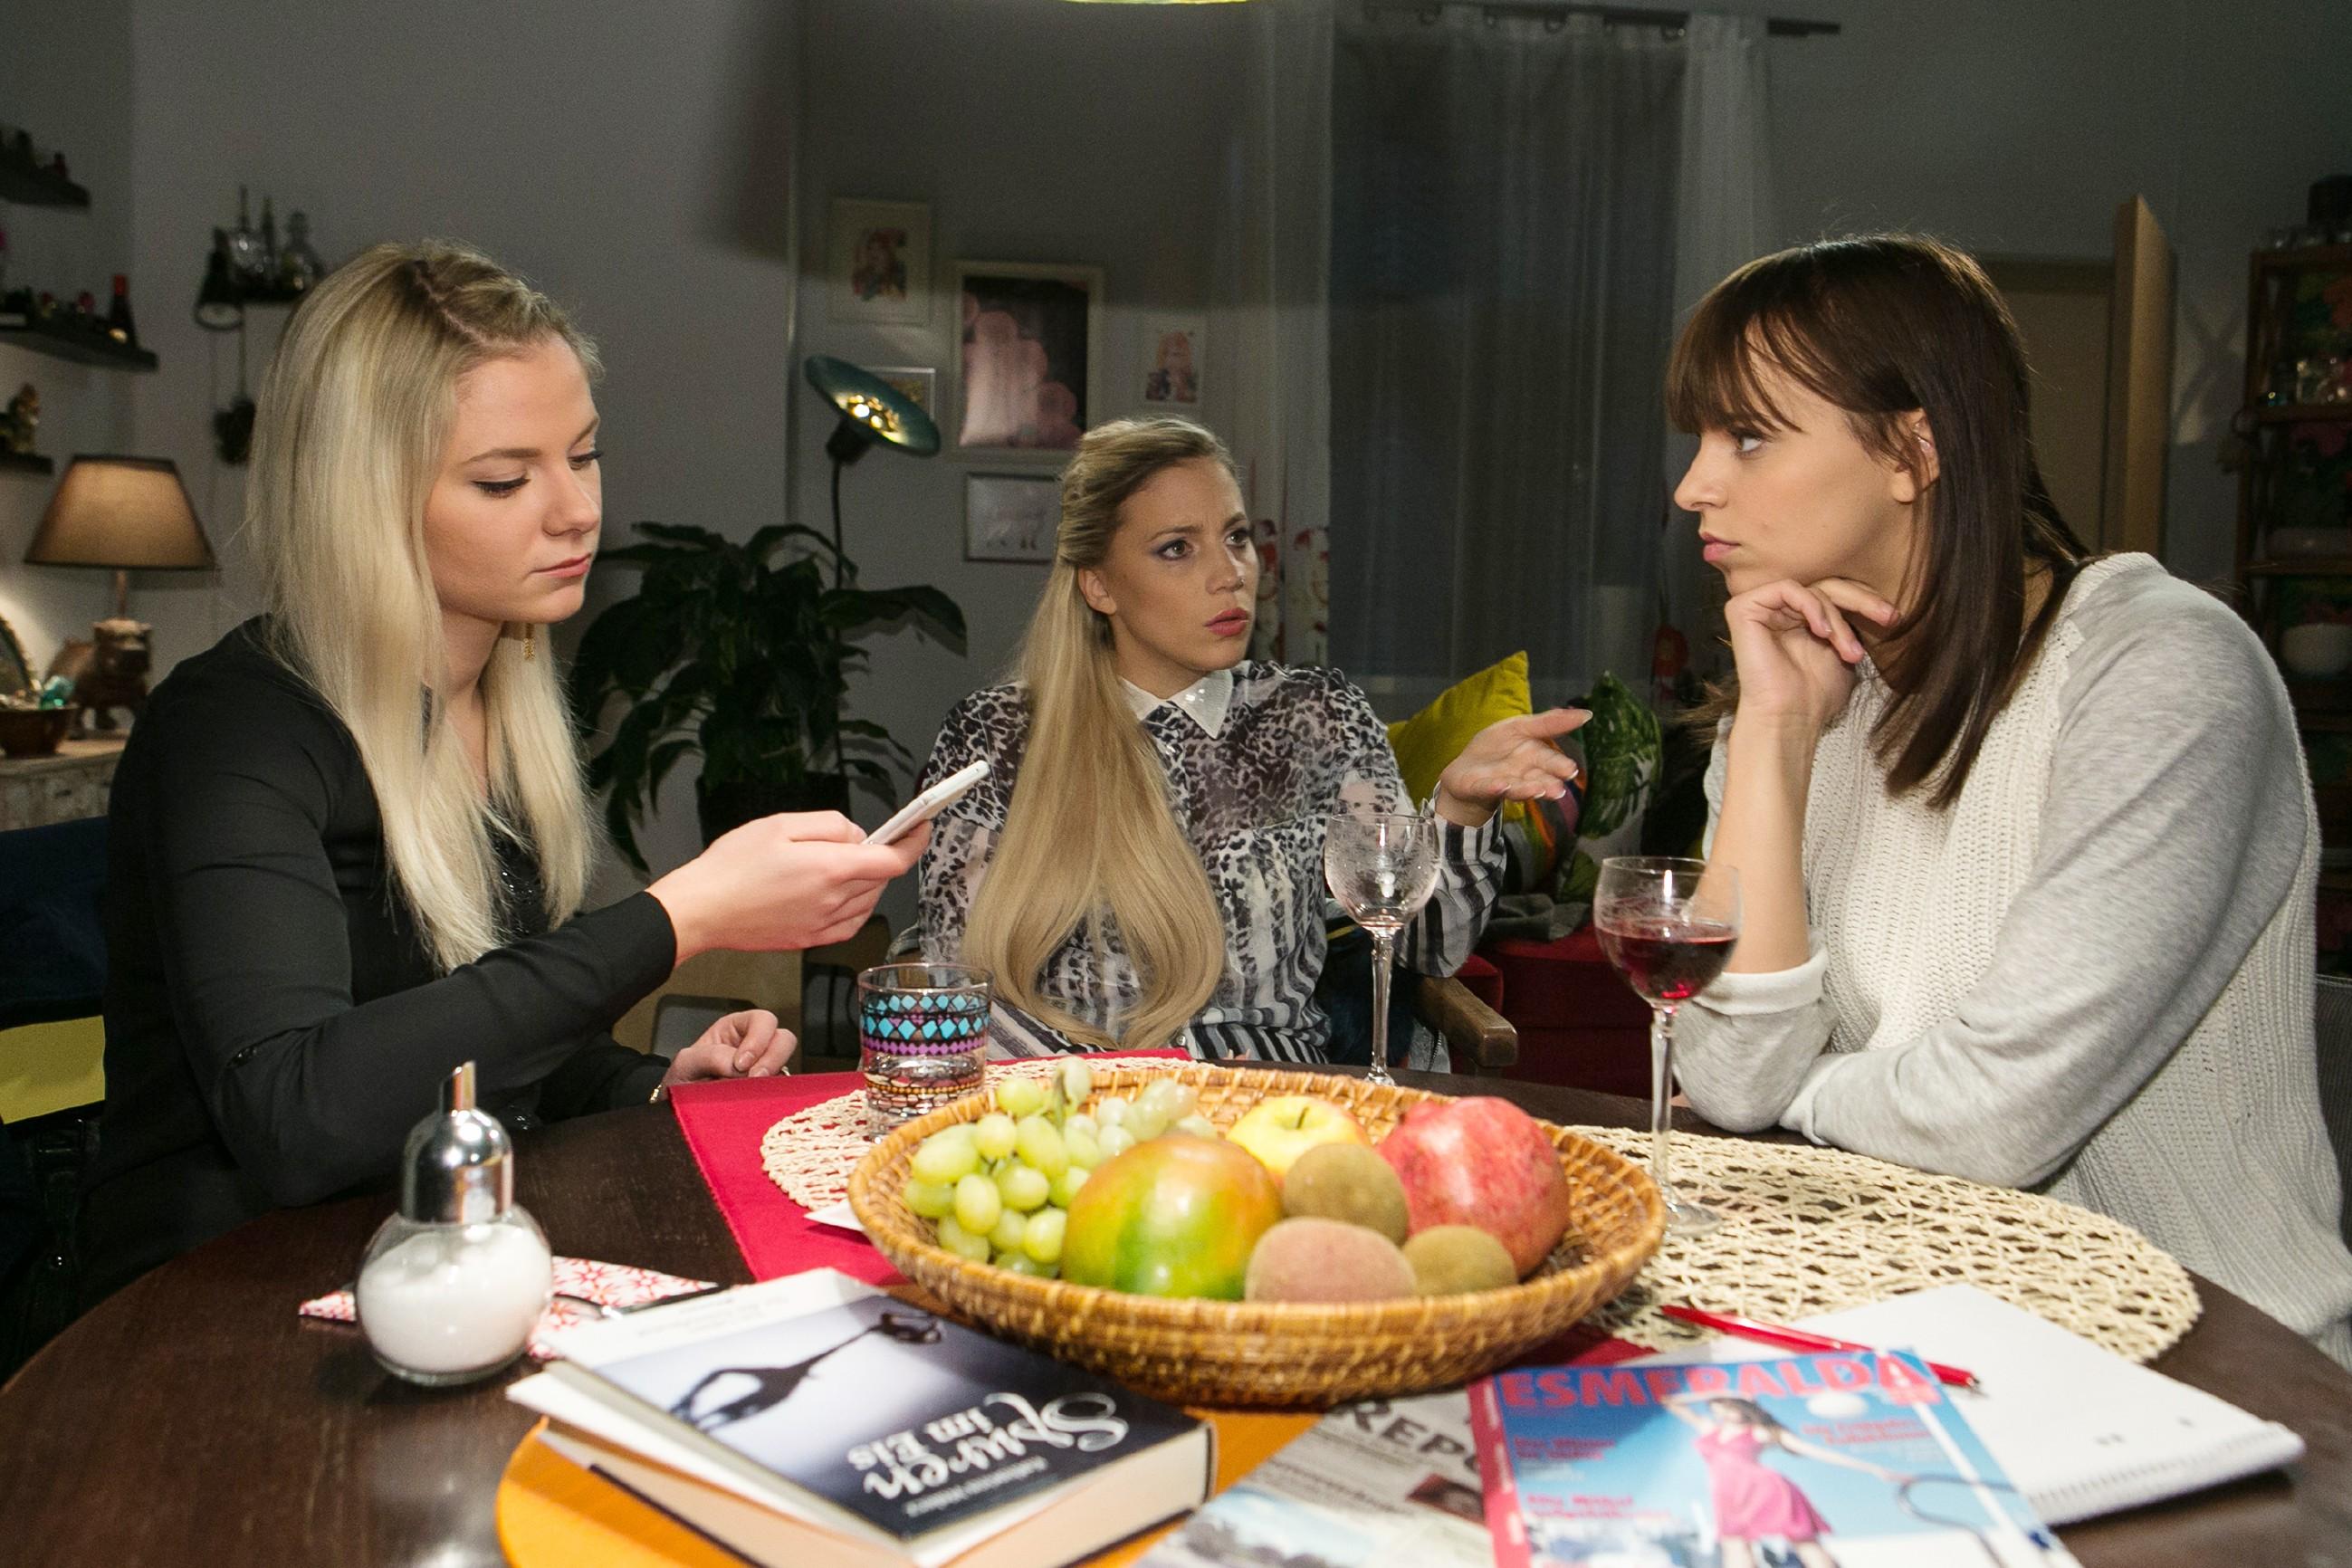 Michelle (Franziska Benz, r.) erzählt Marie (Cheyenne Pahde, l.) und Iva (Christina Klein), dass sie das Kapitel Vincent endlich abschließen will. (Quelle: RTL / Kai Schulz)